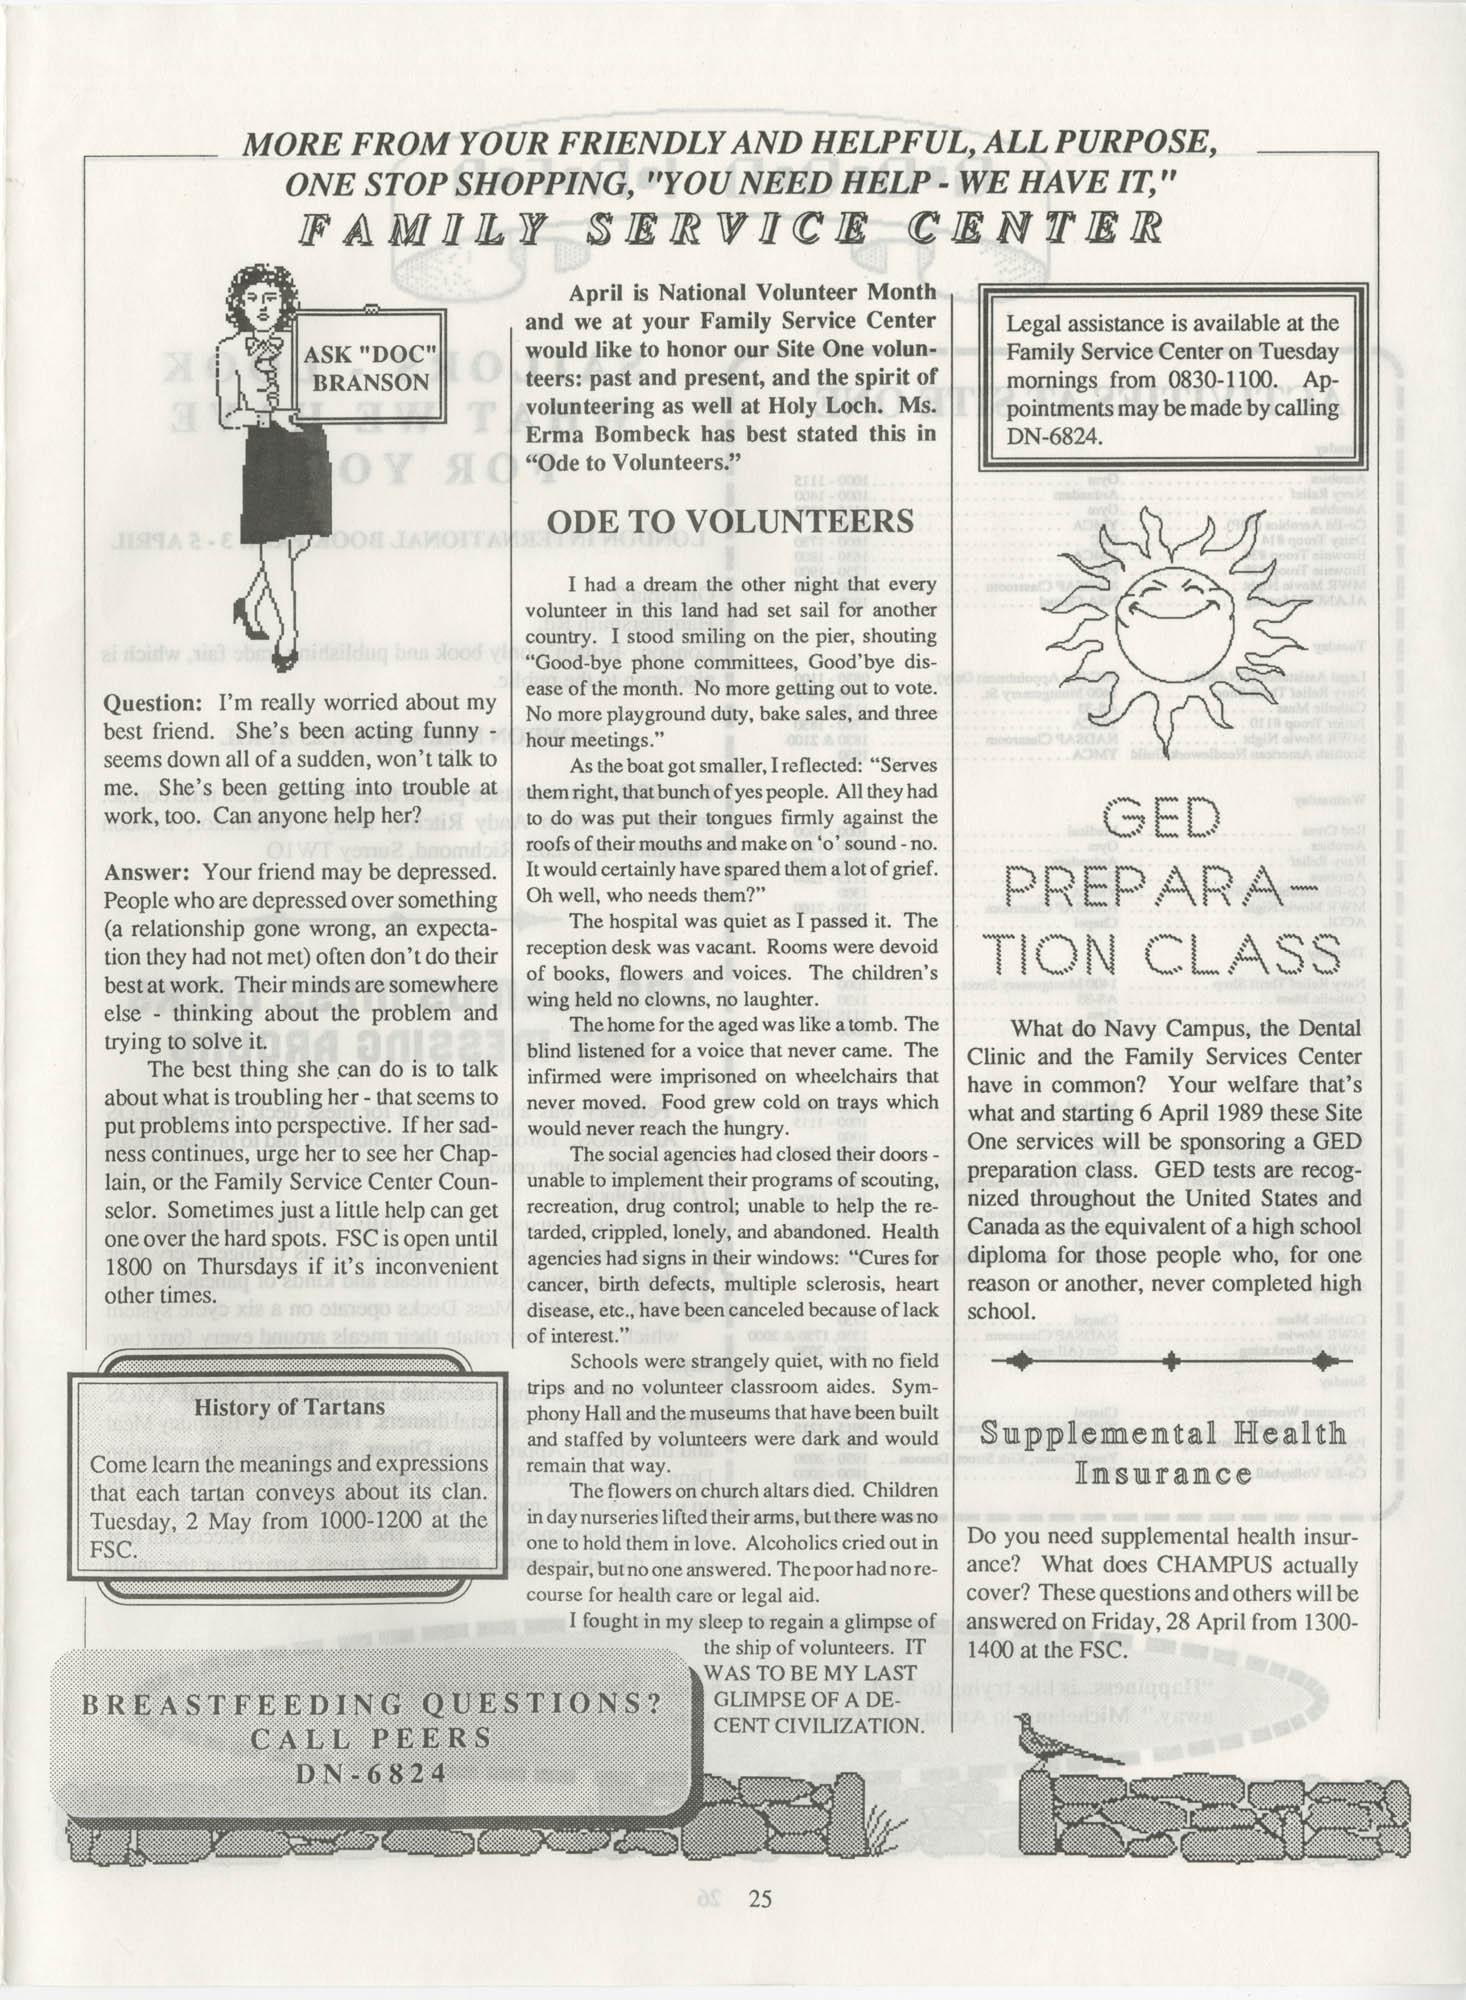 Periscope/Highlander, Vol. 1 No. 6, April 1989, Page 25